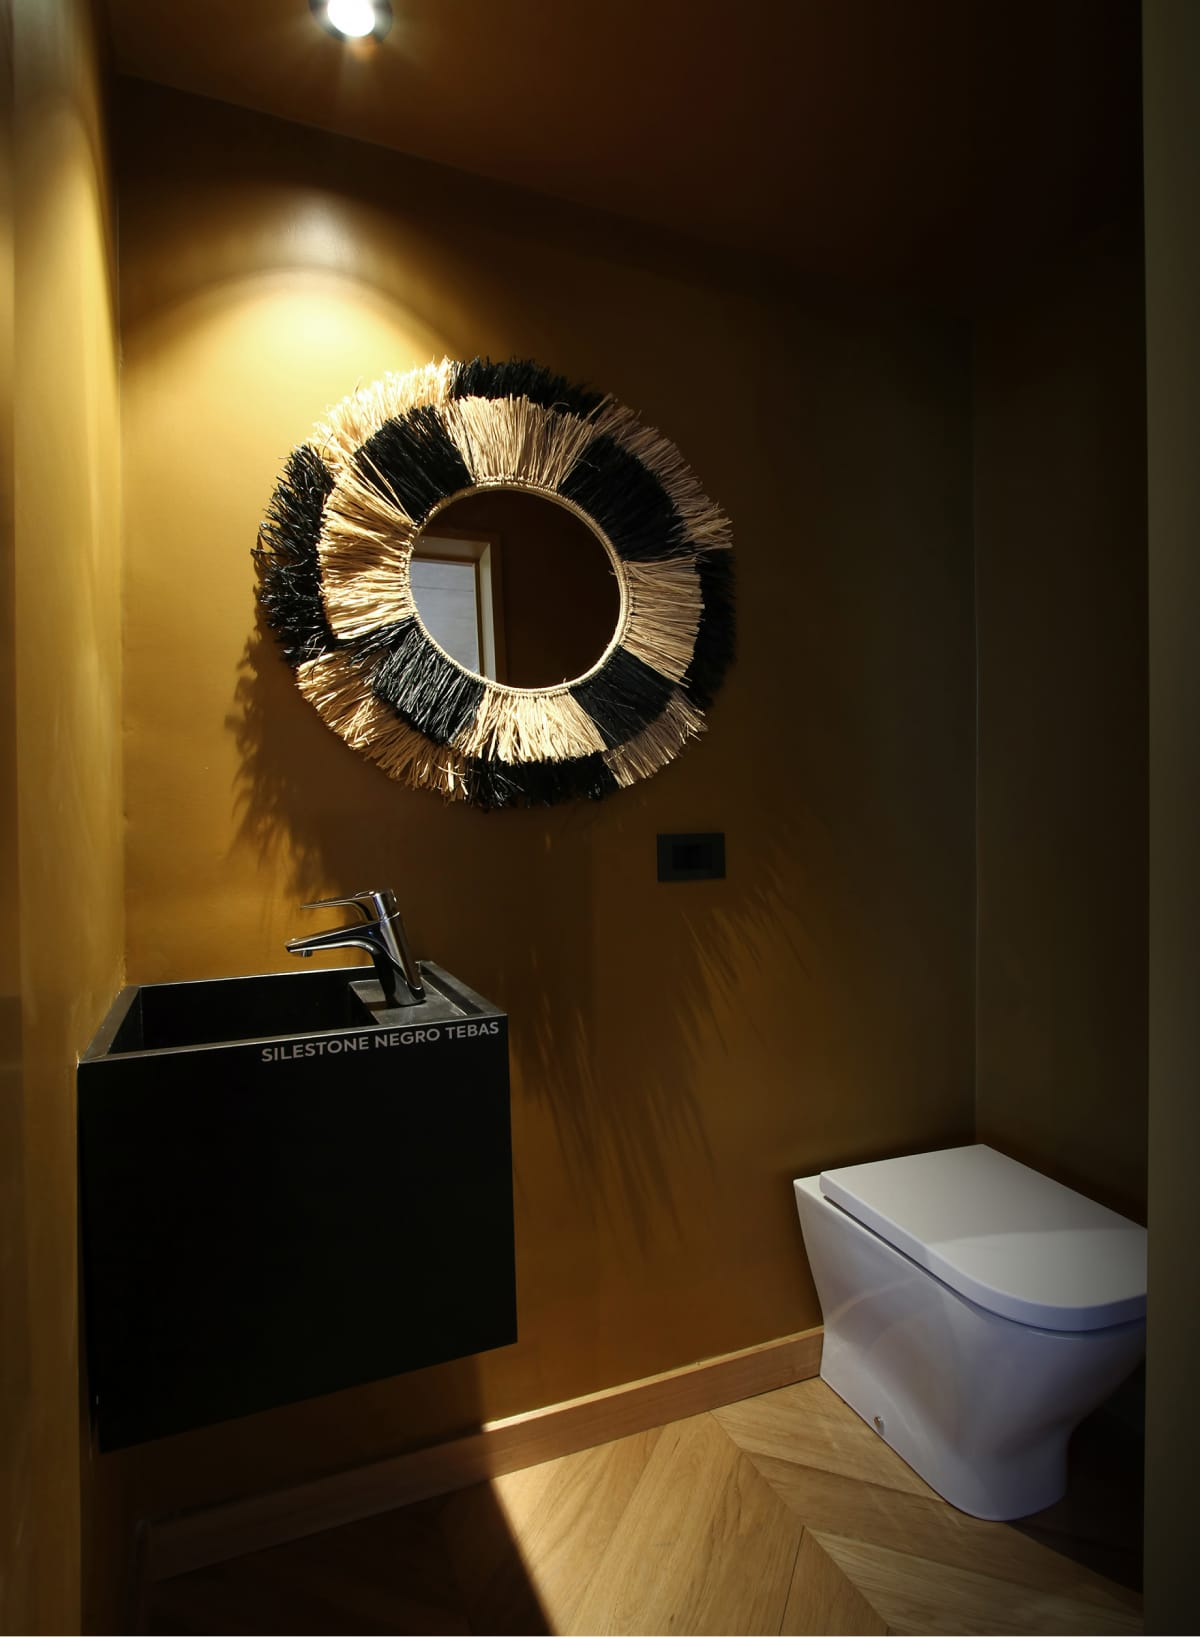 La pileta del toilette de Arenal Estudio está construida con Silestone, la  superficie de cuarzo de Cosentino. Su color Negro Tebas Suede genera un contraste cromático con el resto del ambiente.